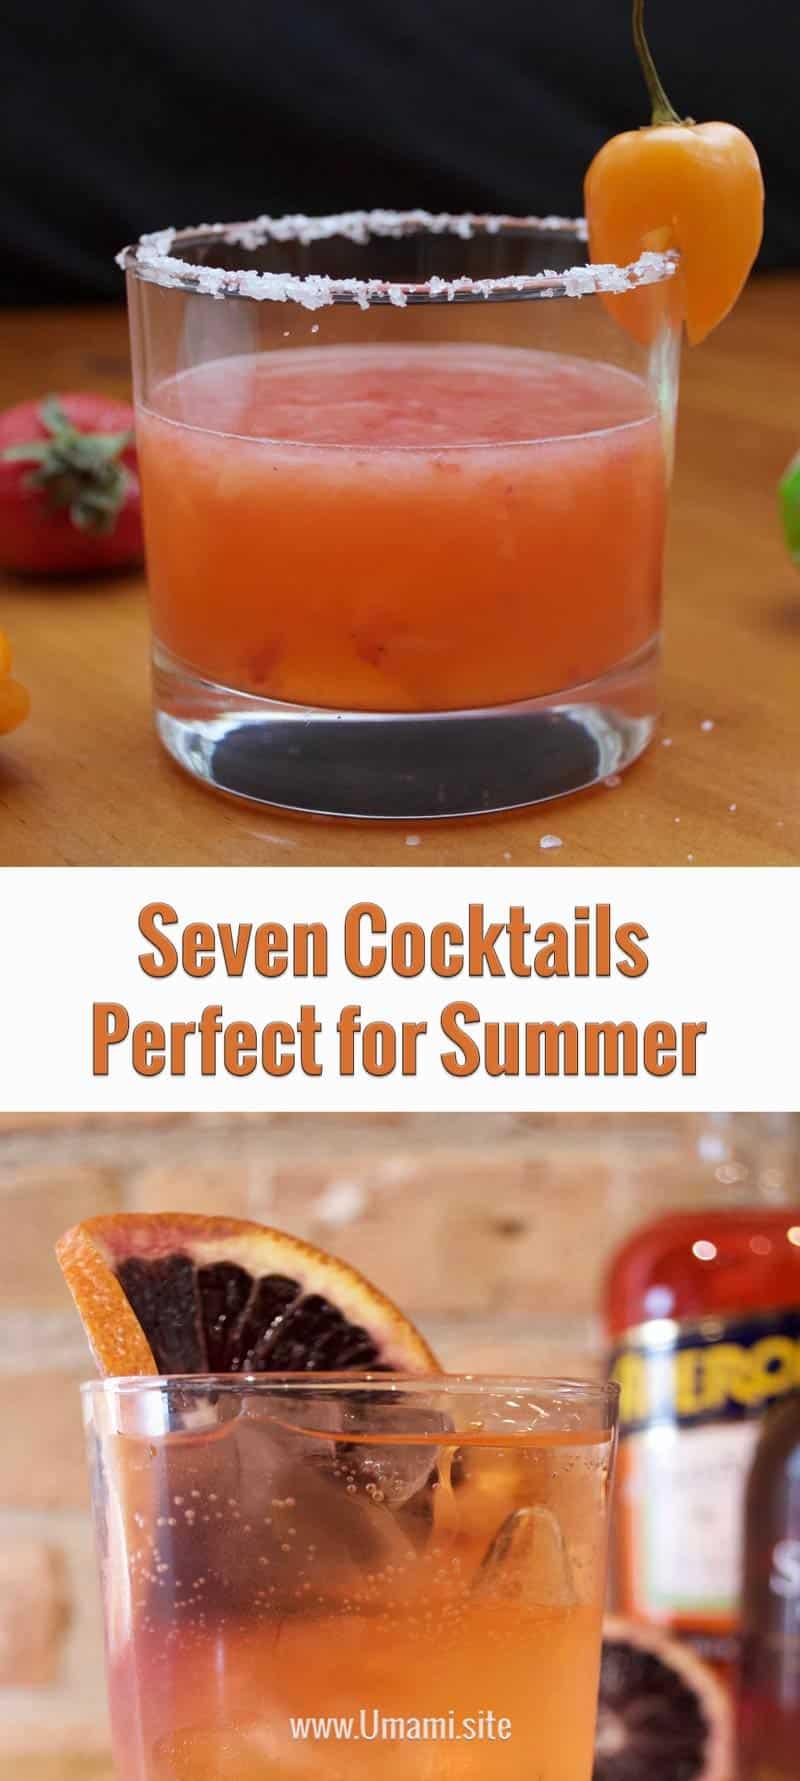 Seven Cocktails For Summer Pinterest